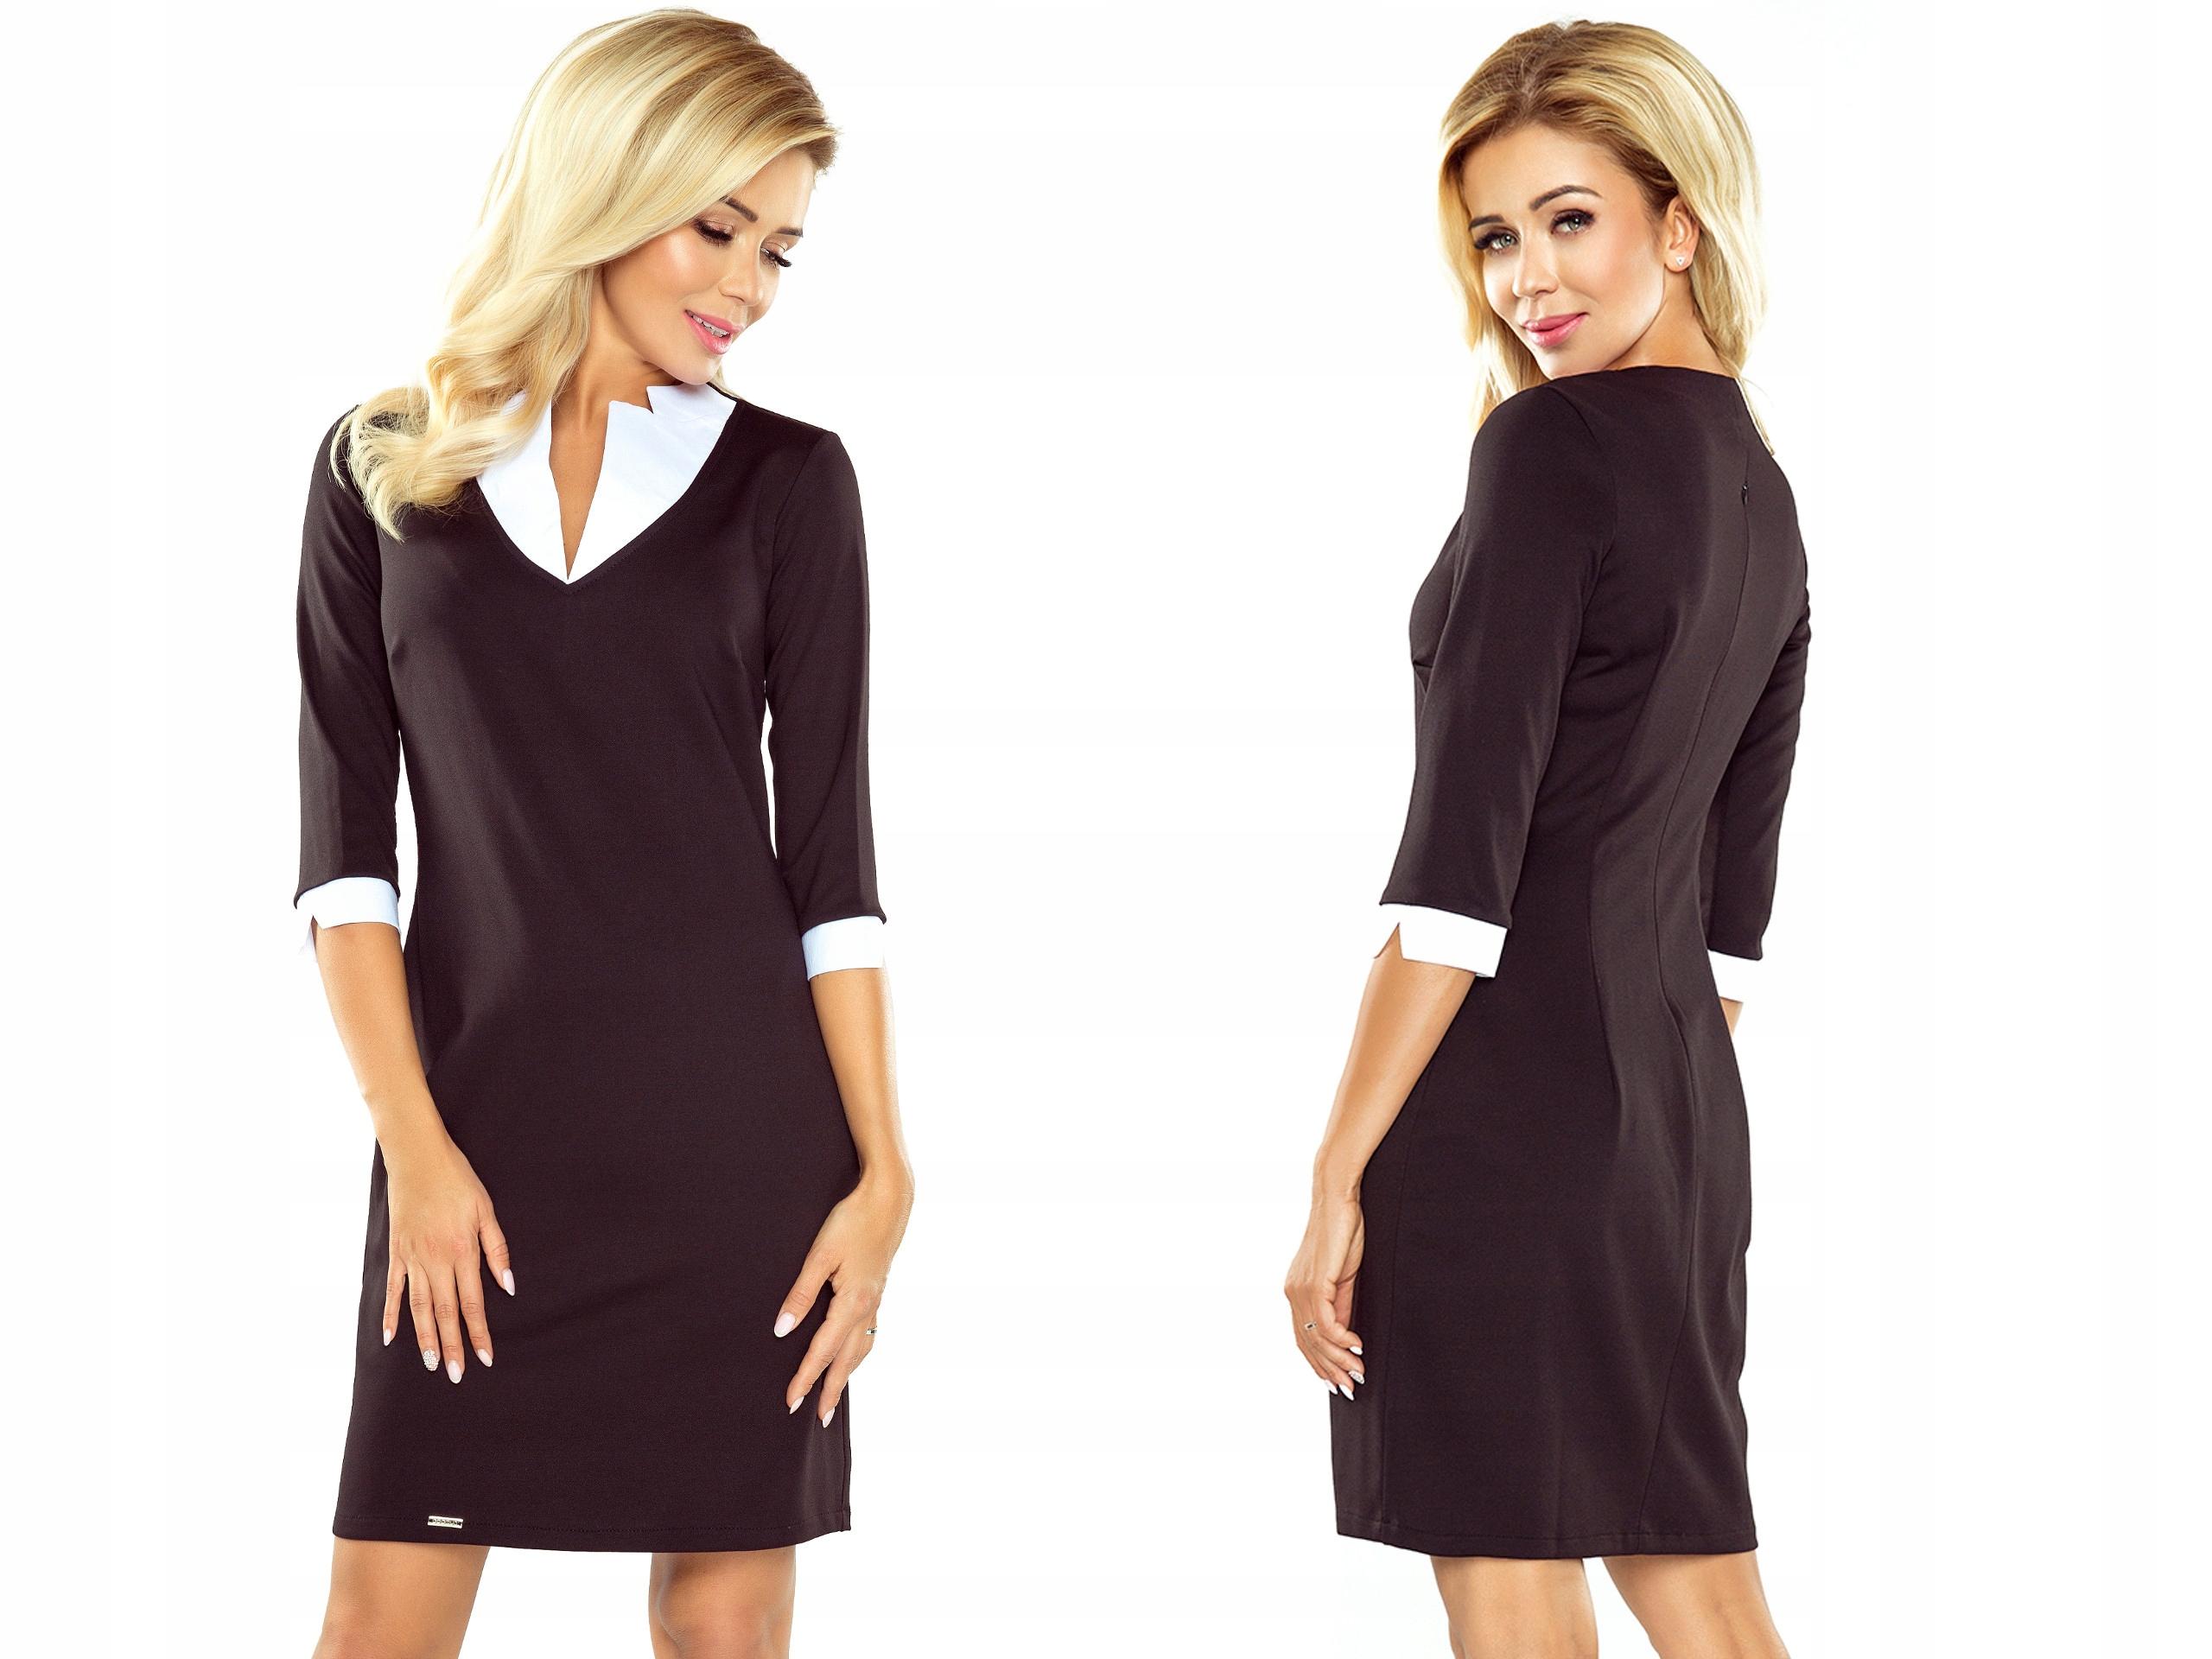 0a2bc04958 MODNE Sukienki Okolicznościowe Klasyczne 110-4 r.M - 7183987893 ...